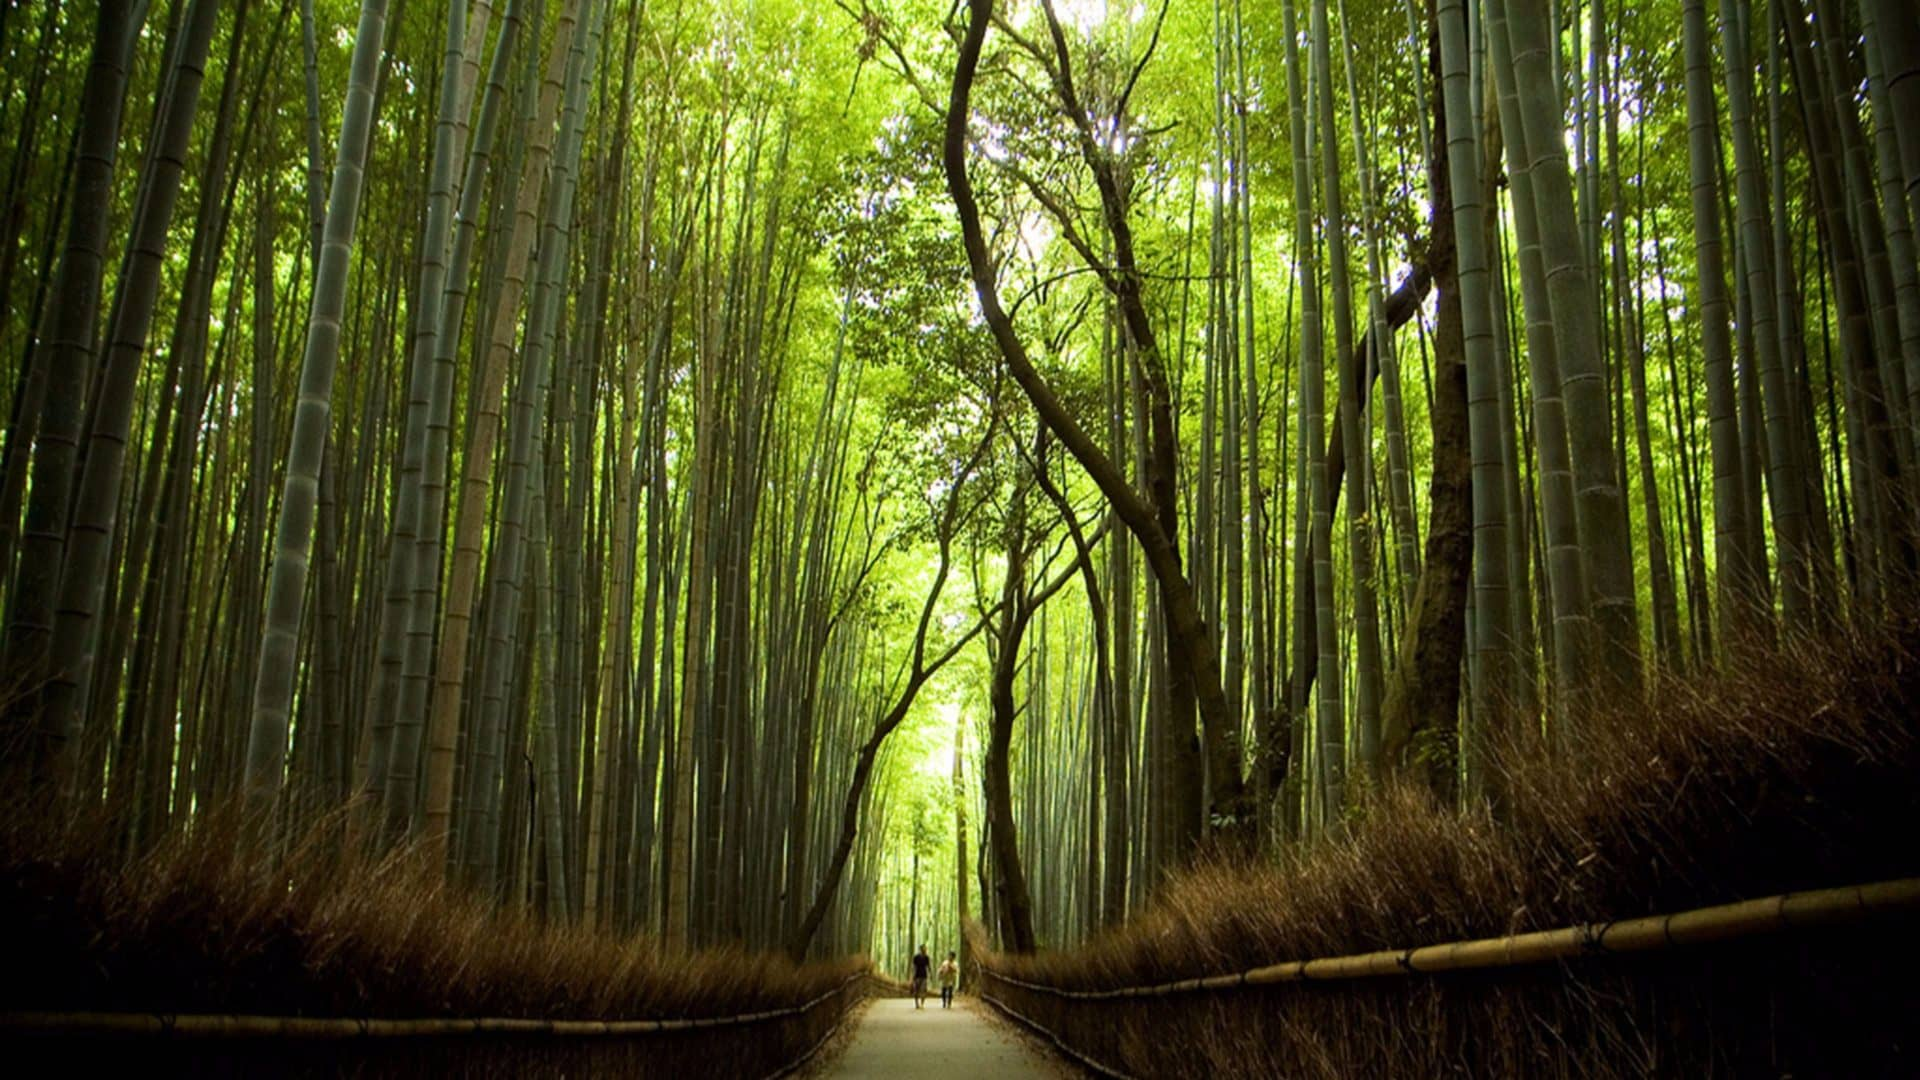 Viaggio di nozze Agosto Giappone Bamboo forest